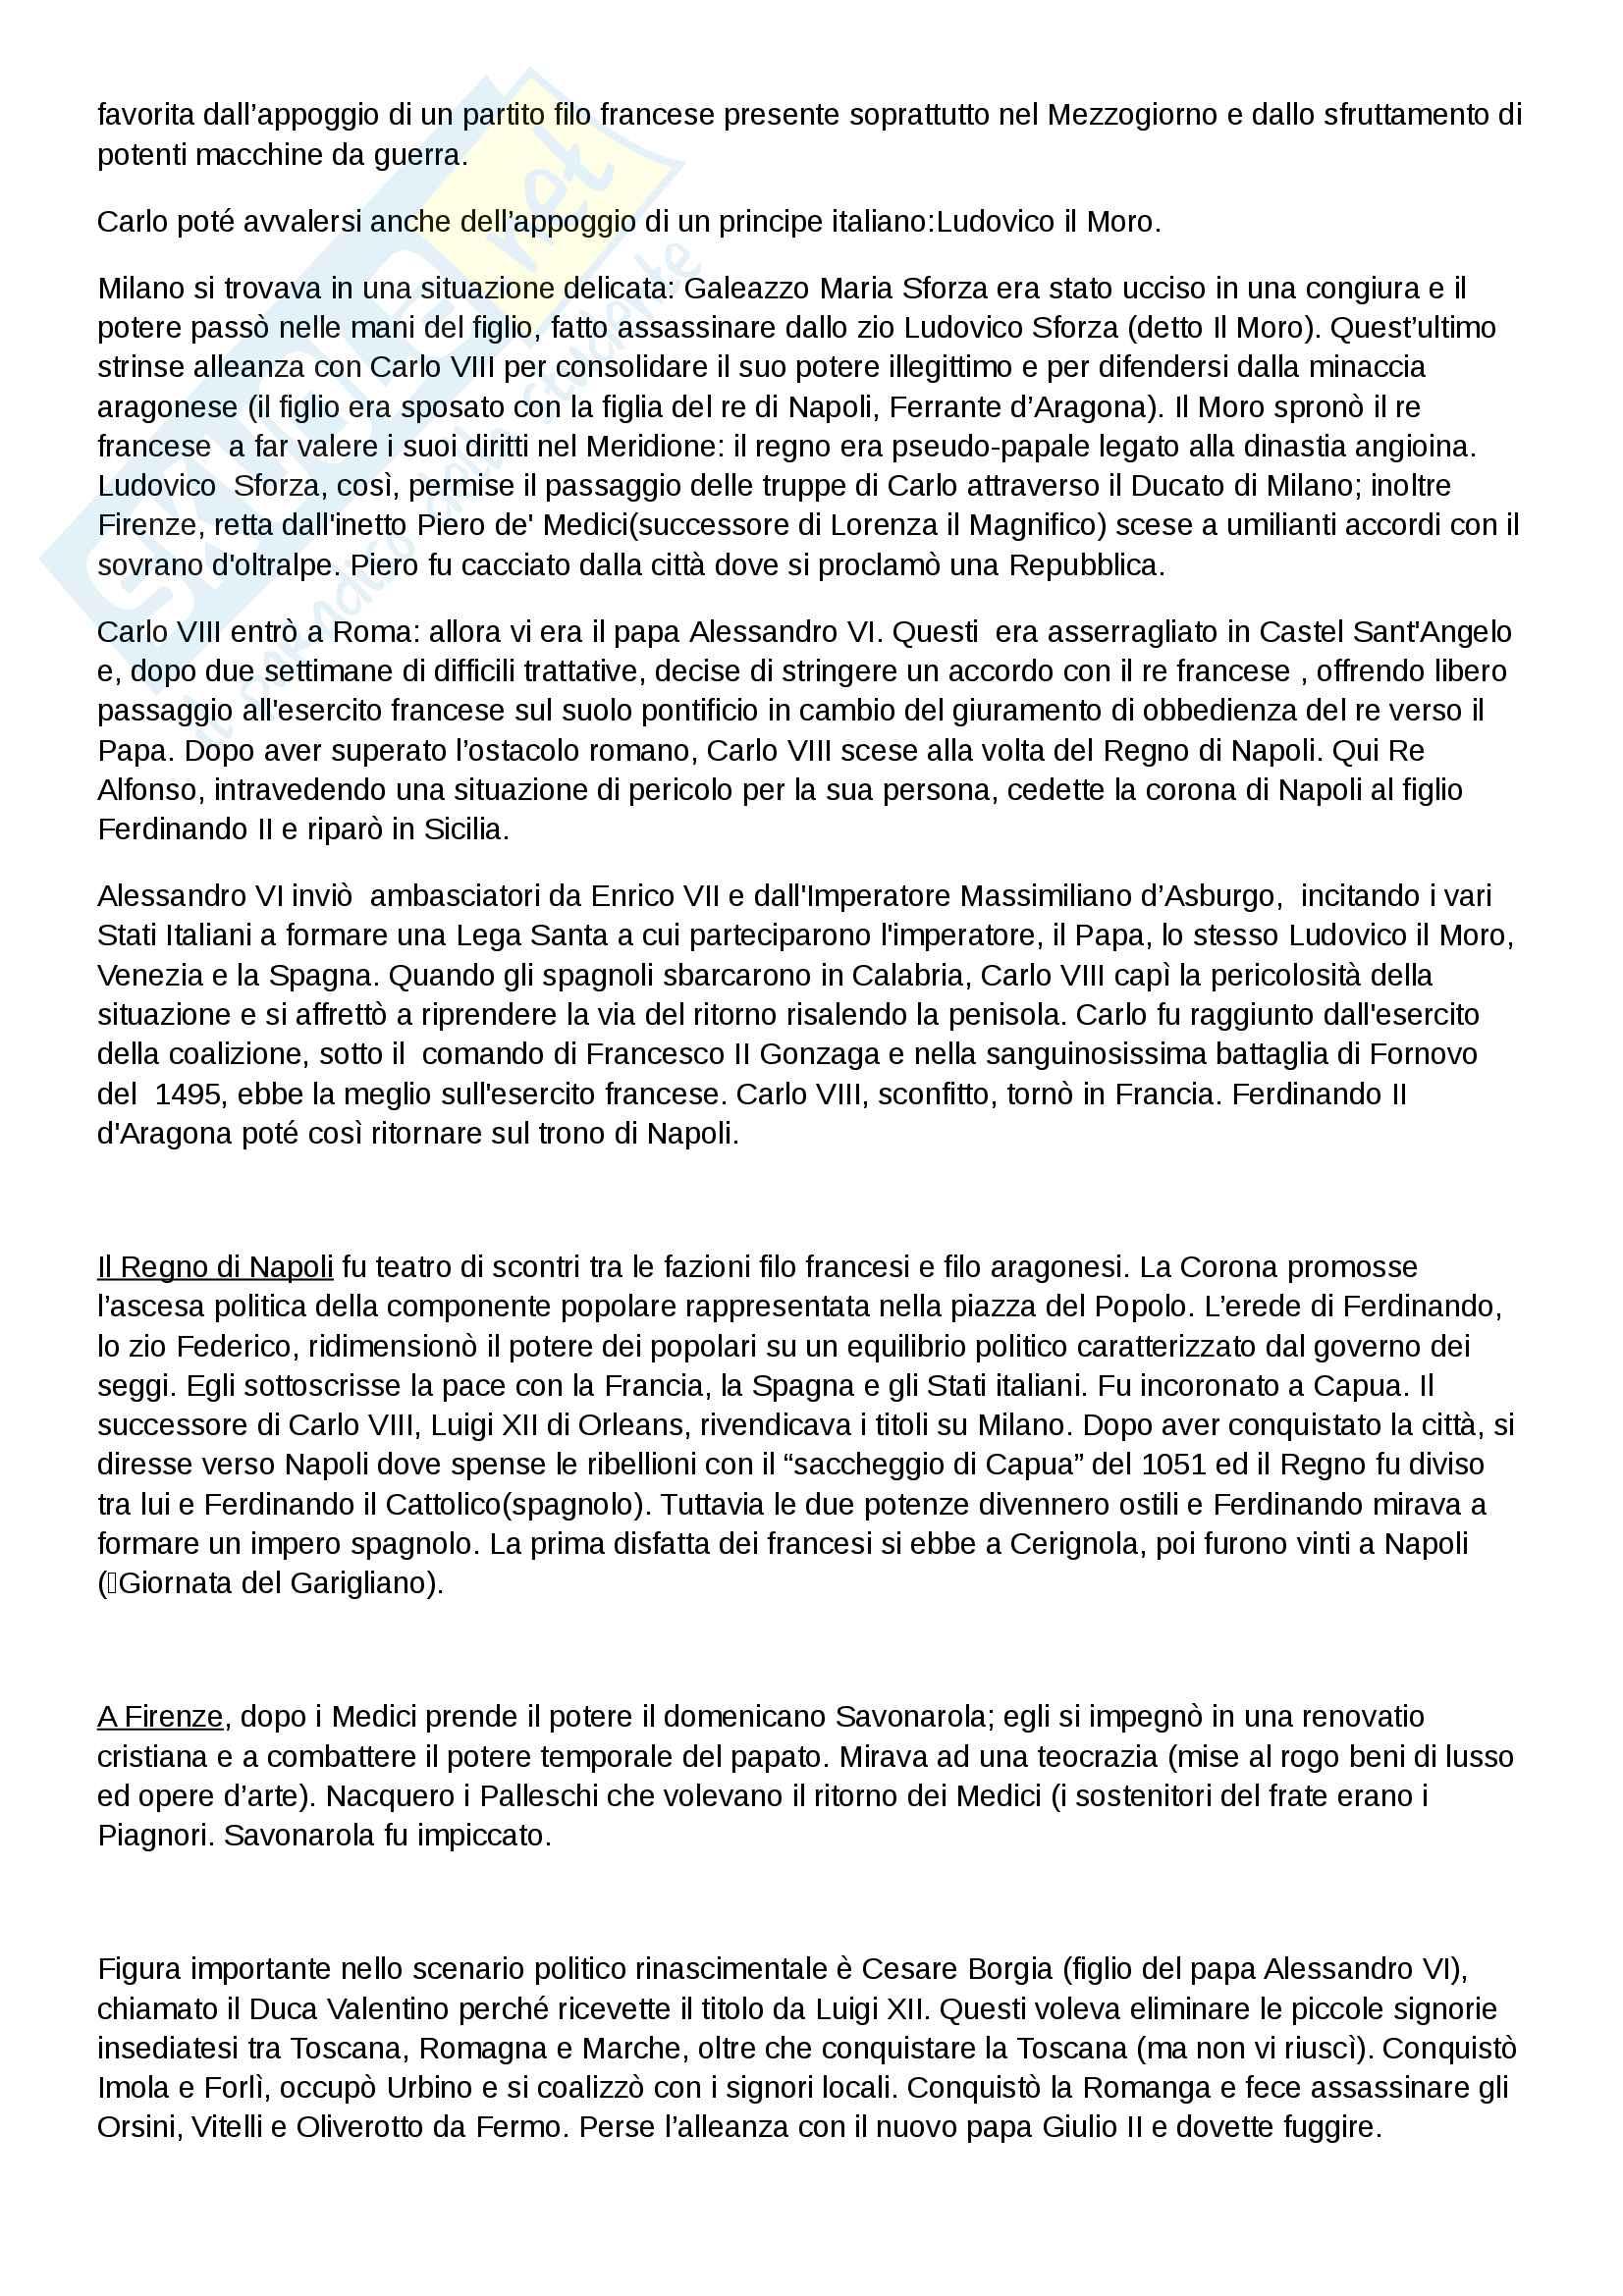 """Riassunto esame di Storia moderna, prof. Migliorini, libro consigliato """"Le vie della modernità"""" di Aurelio Musi, ed. Sansoni Pag. 6"""